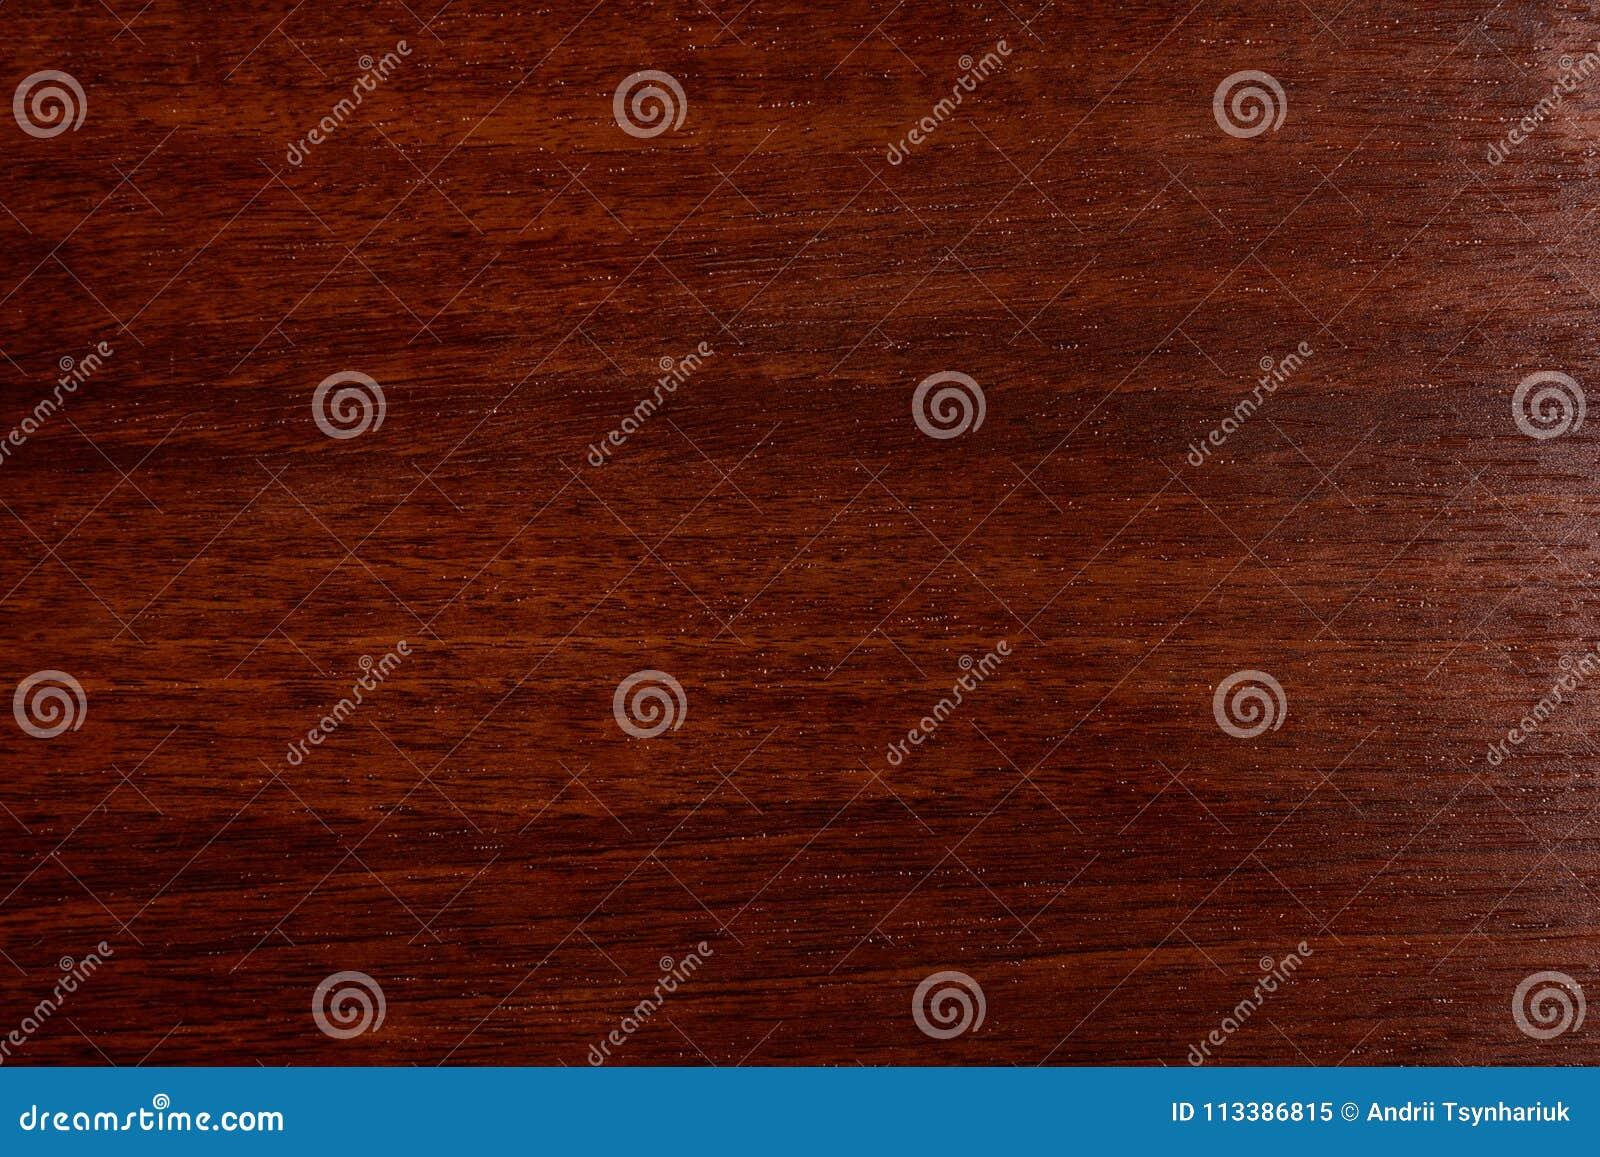 Härlig brun wood bakgrund på målad texturerad kryssfaner